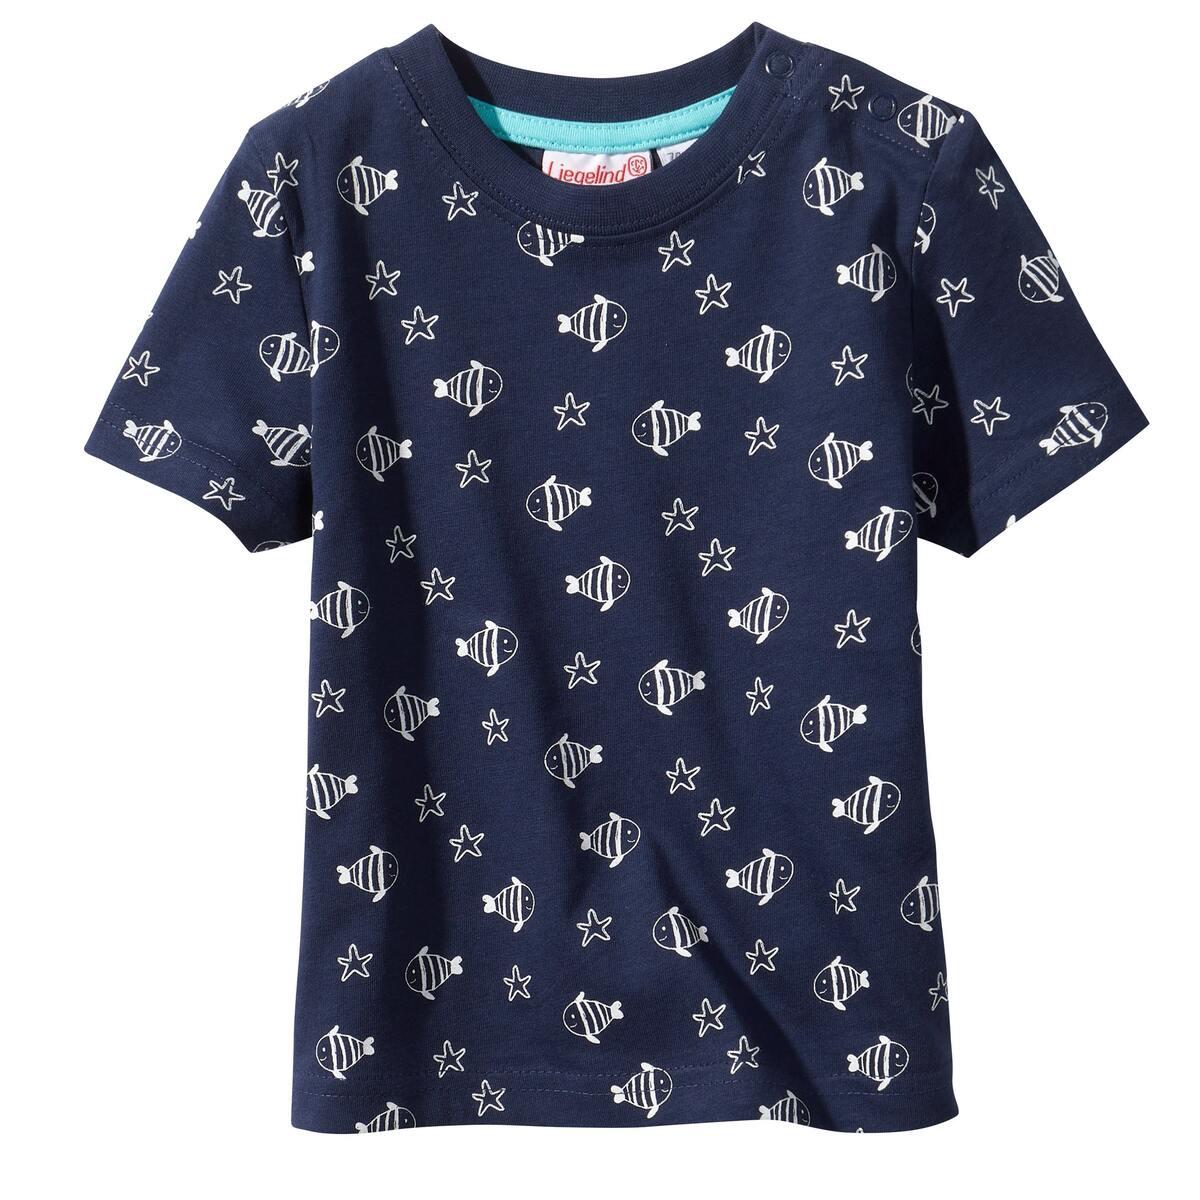 Bild 3 von Baby-Jungen-T-Shirt mit maritimen Motiven, 2er-Pack